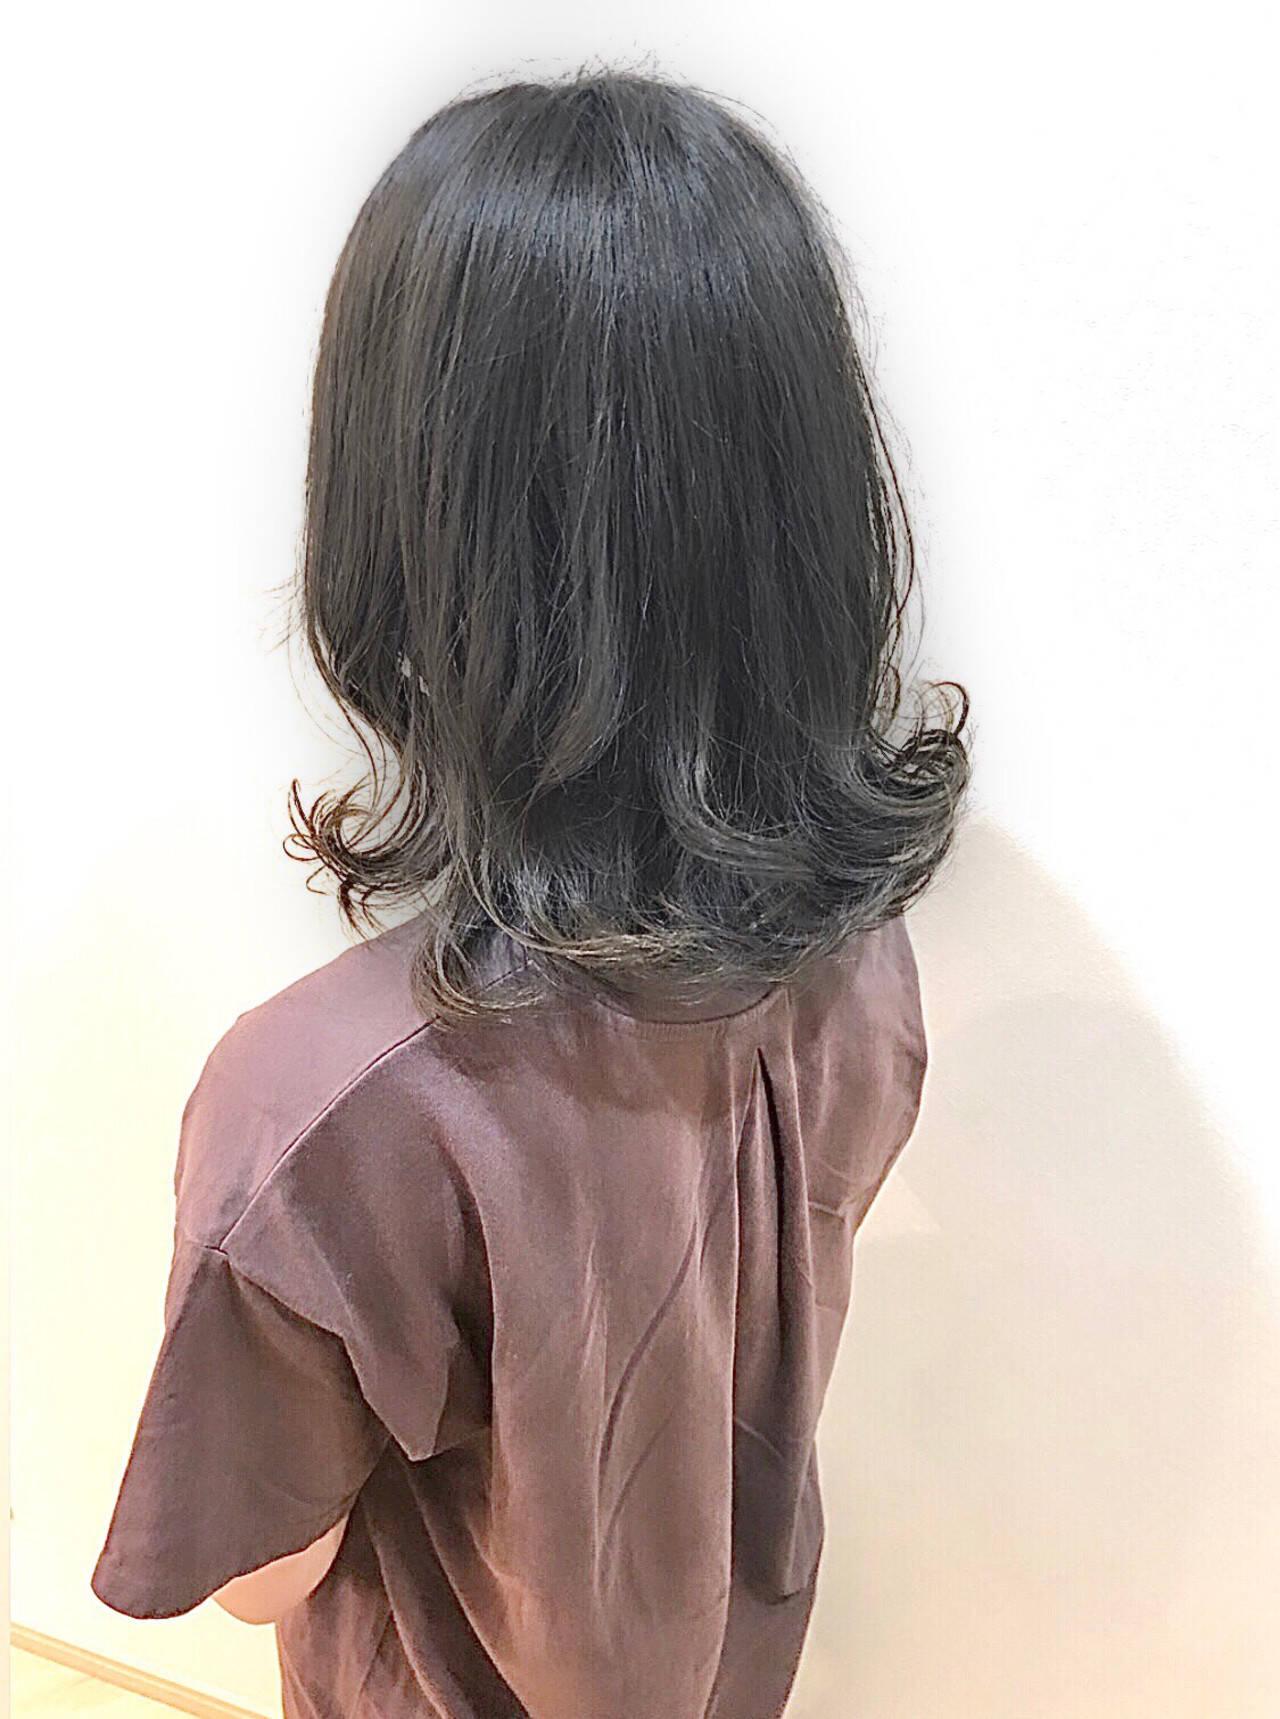 オリーブグレージュ イルミナカラー アッシュグレージュ グレージュヘアスタイルや髪型の写真・画像